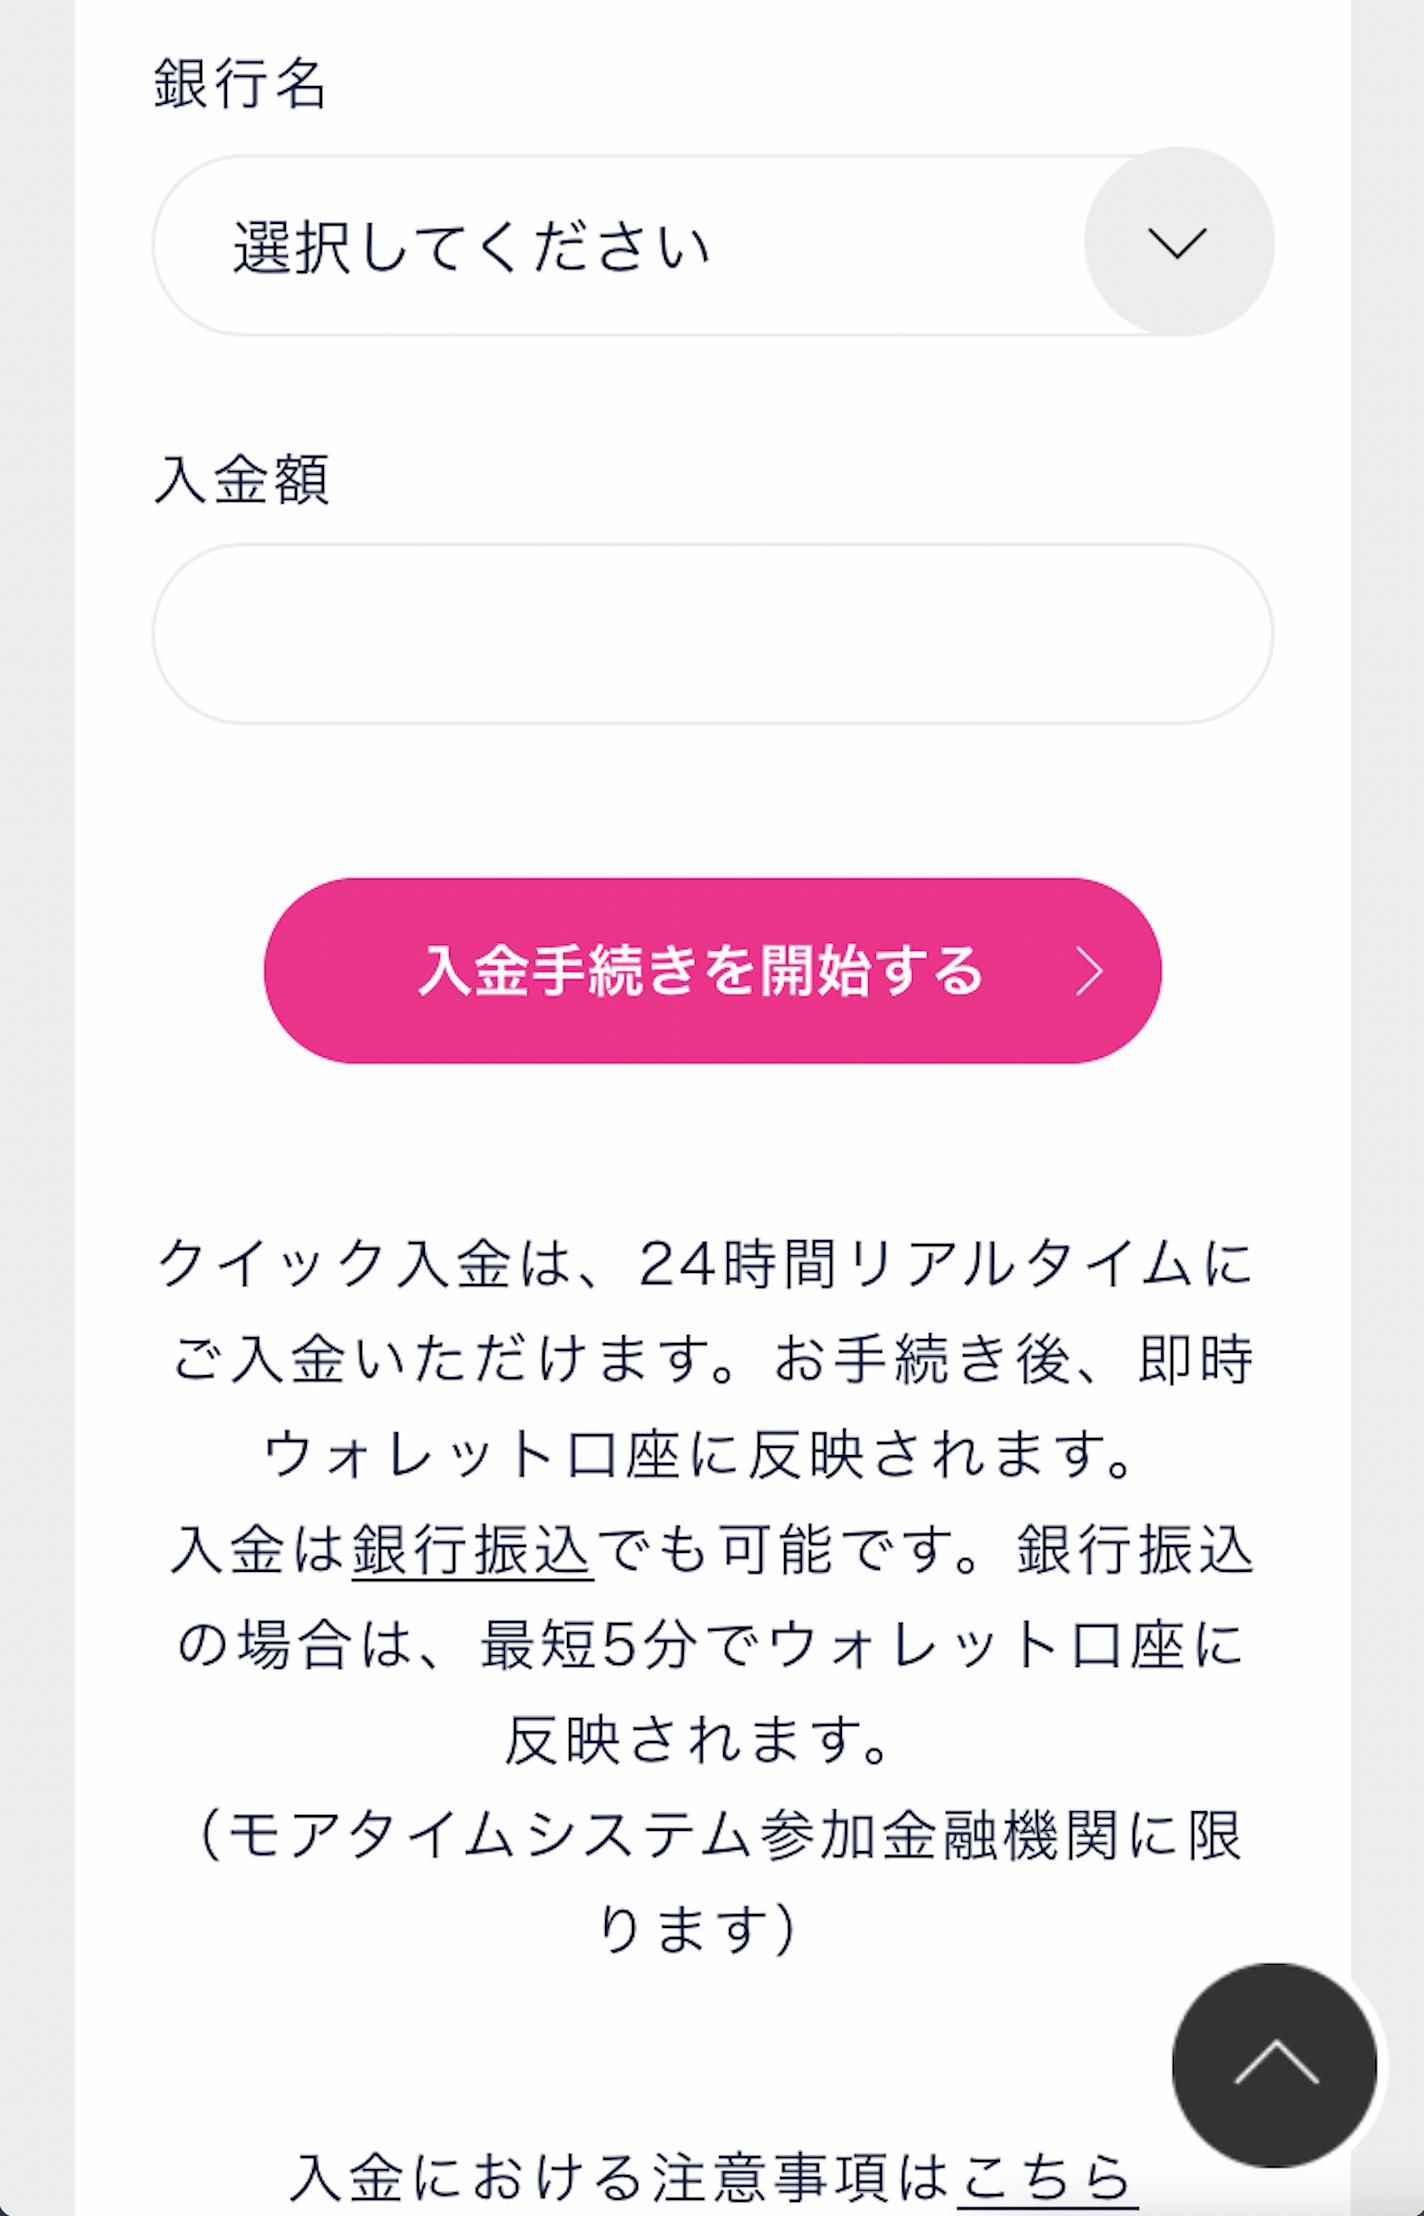 「DMMビットコイン(DMM Bitcoin)」アプリからの入金6